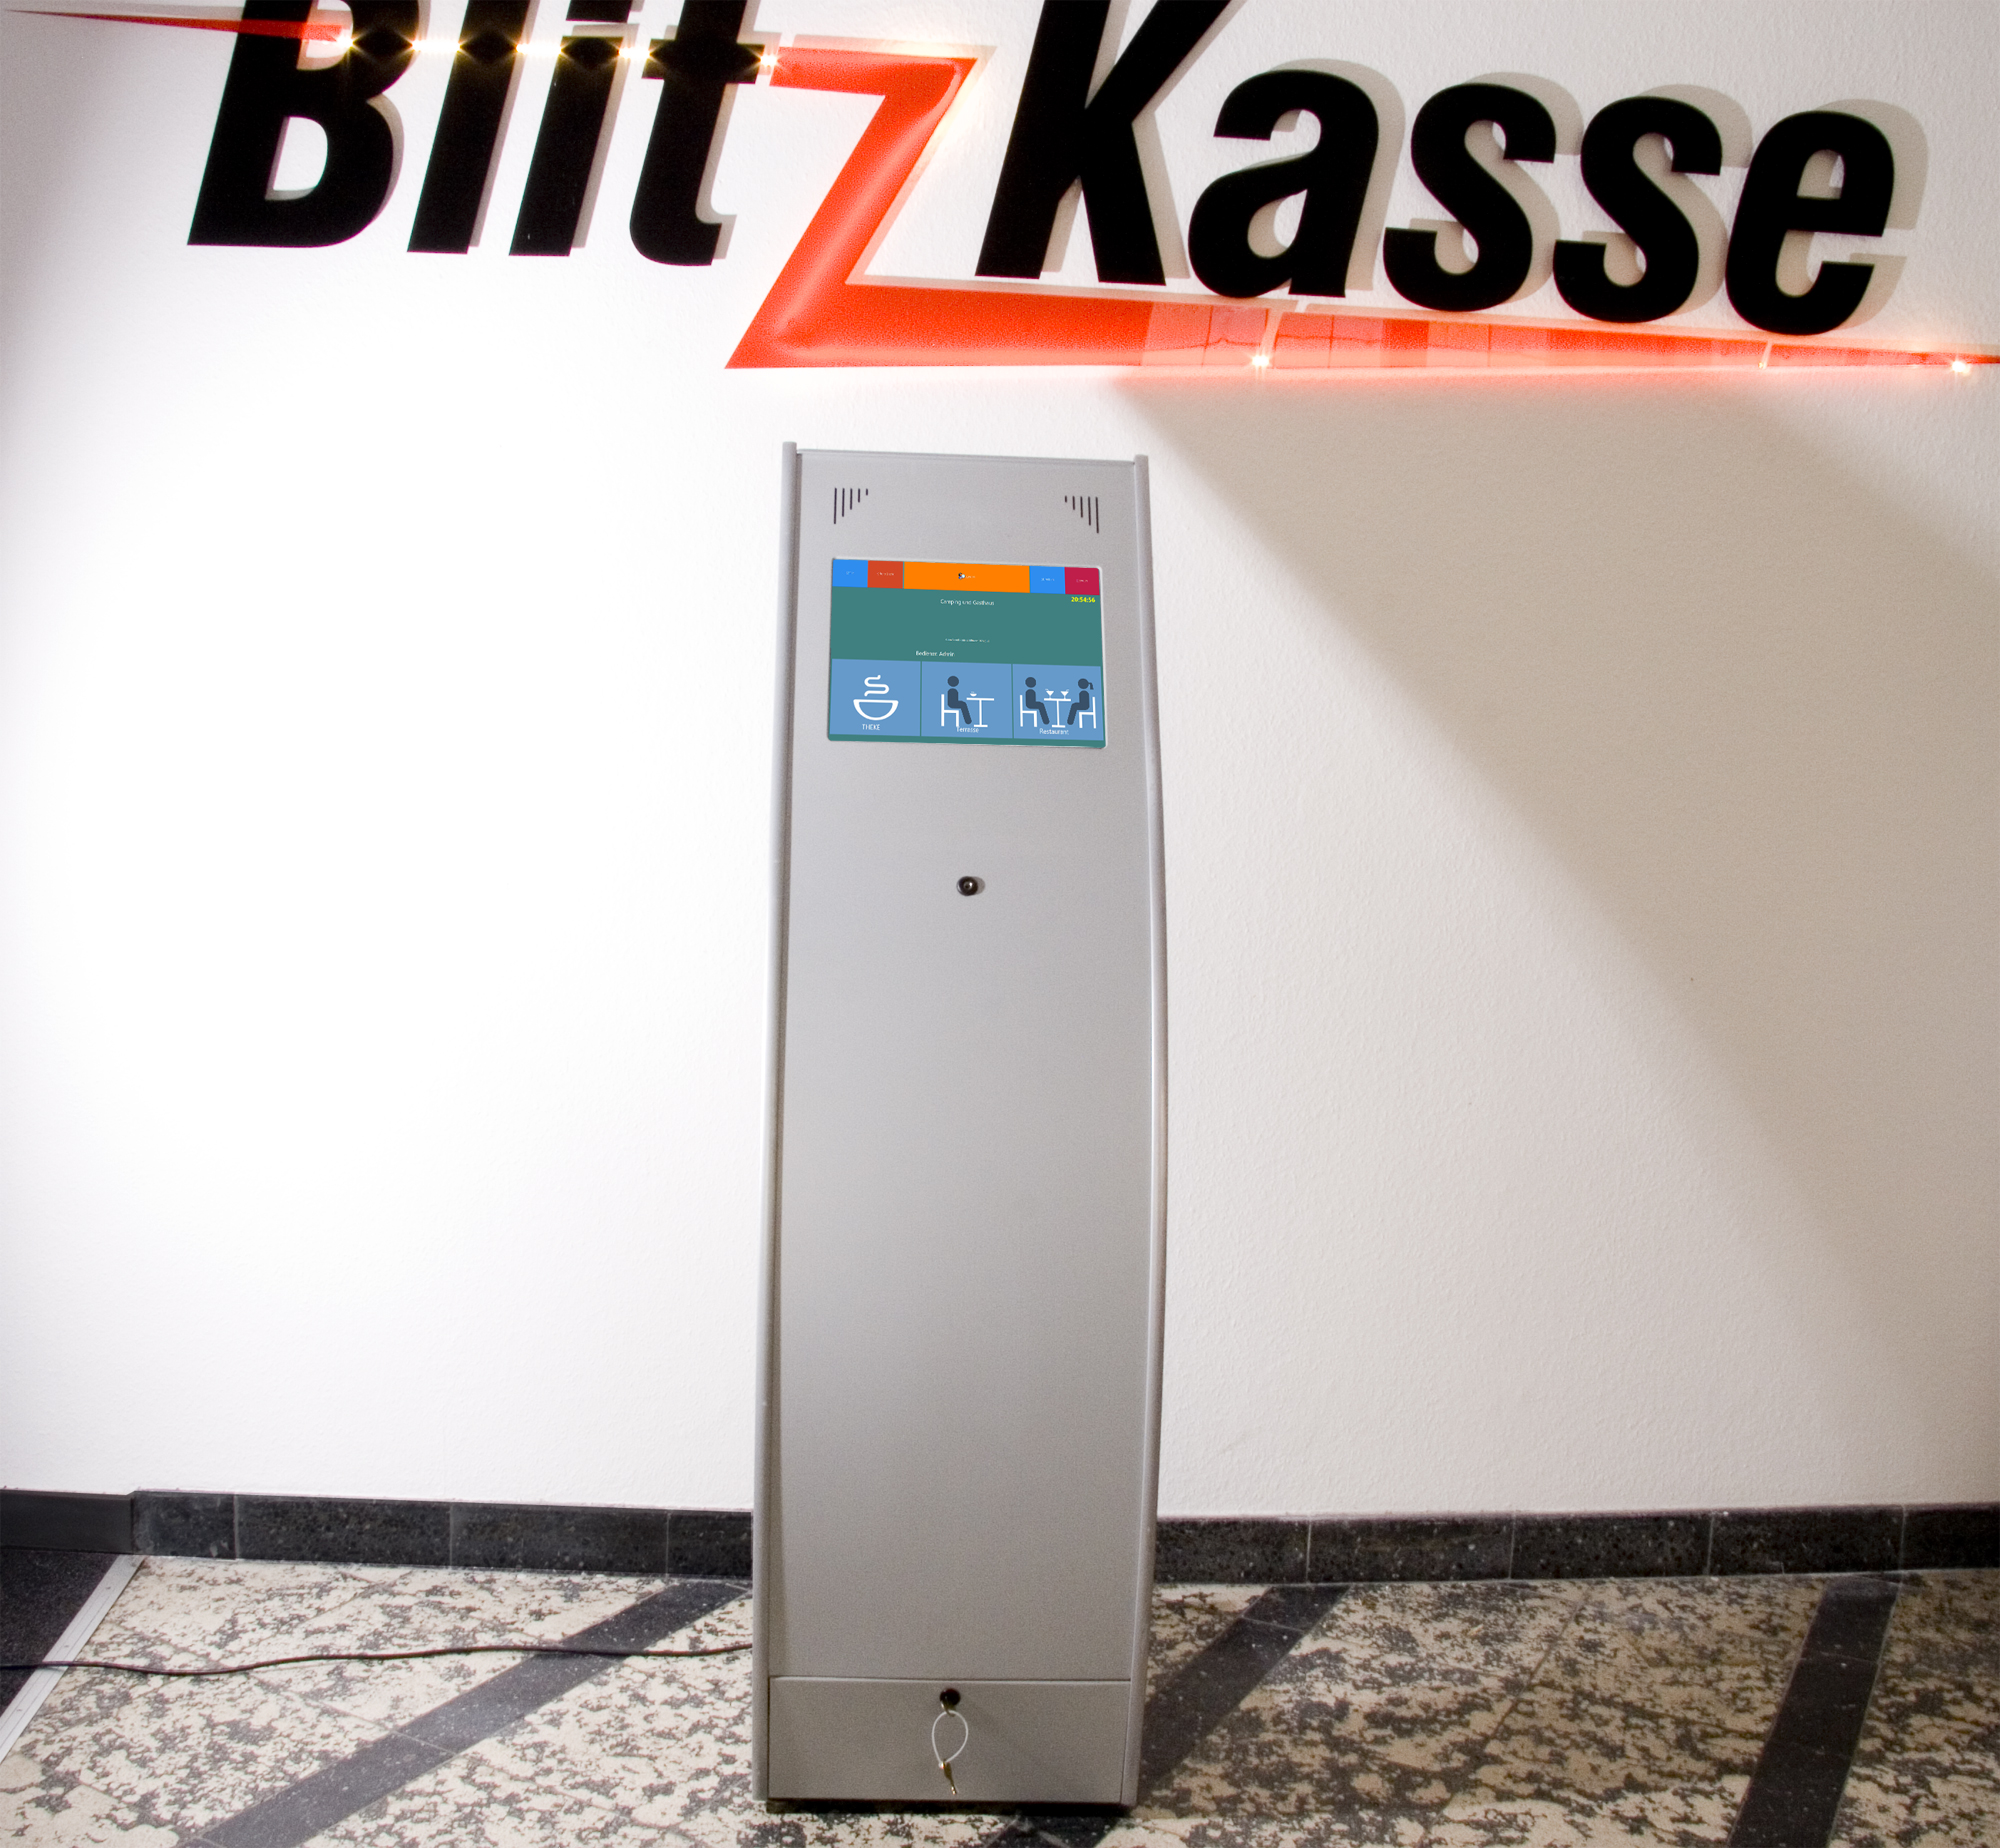 kassensoftware, expresskasse lite, kassensoftware für einzelhandel, kassenprogramm